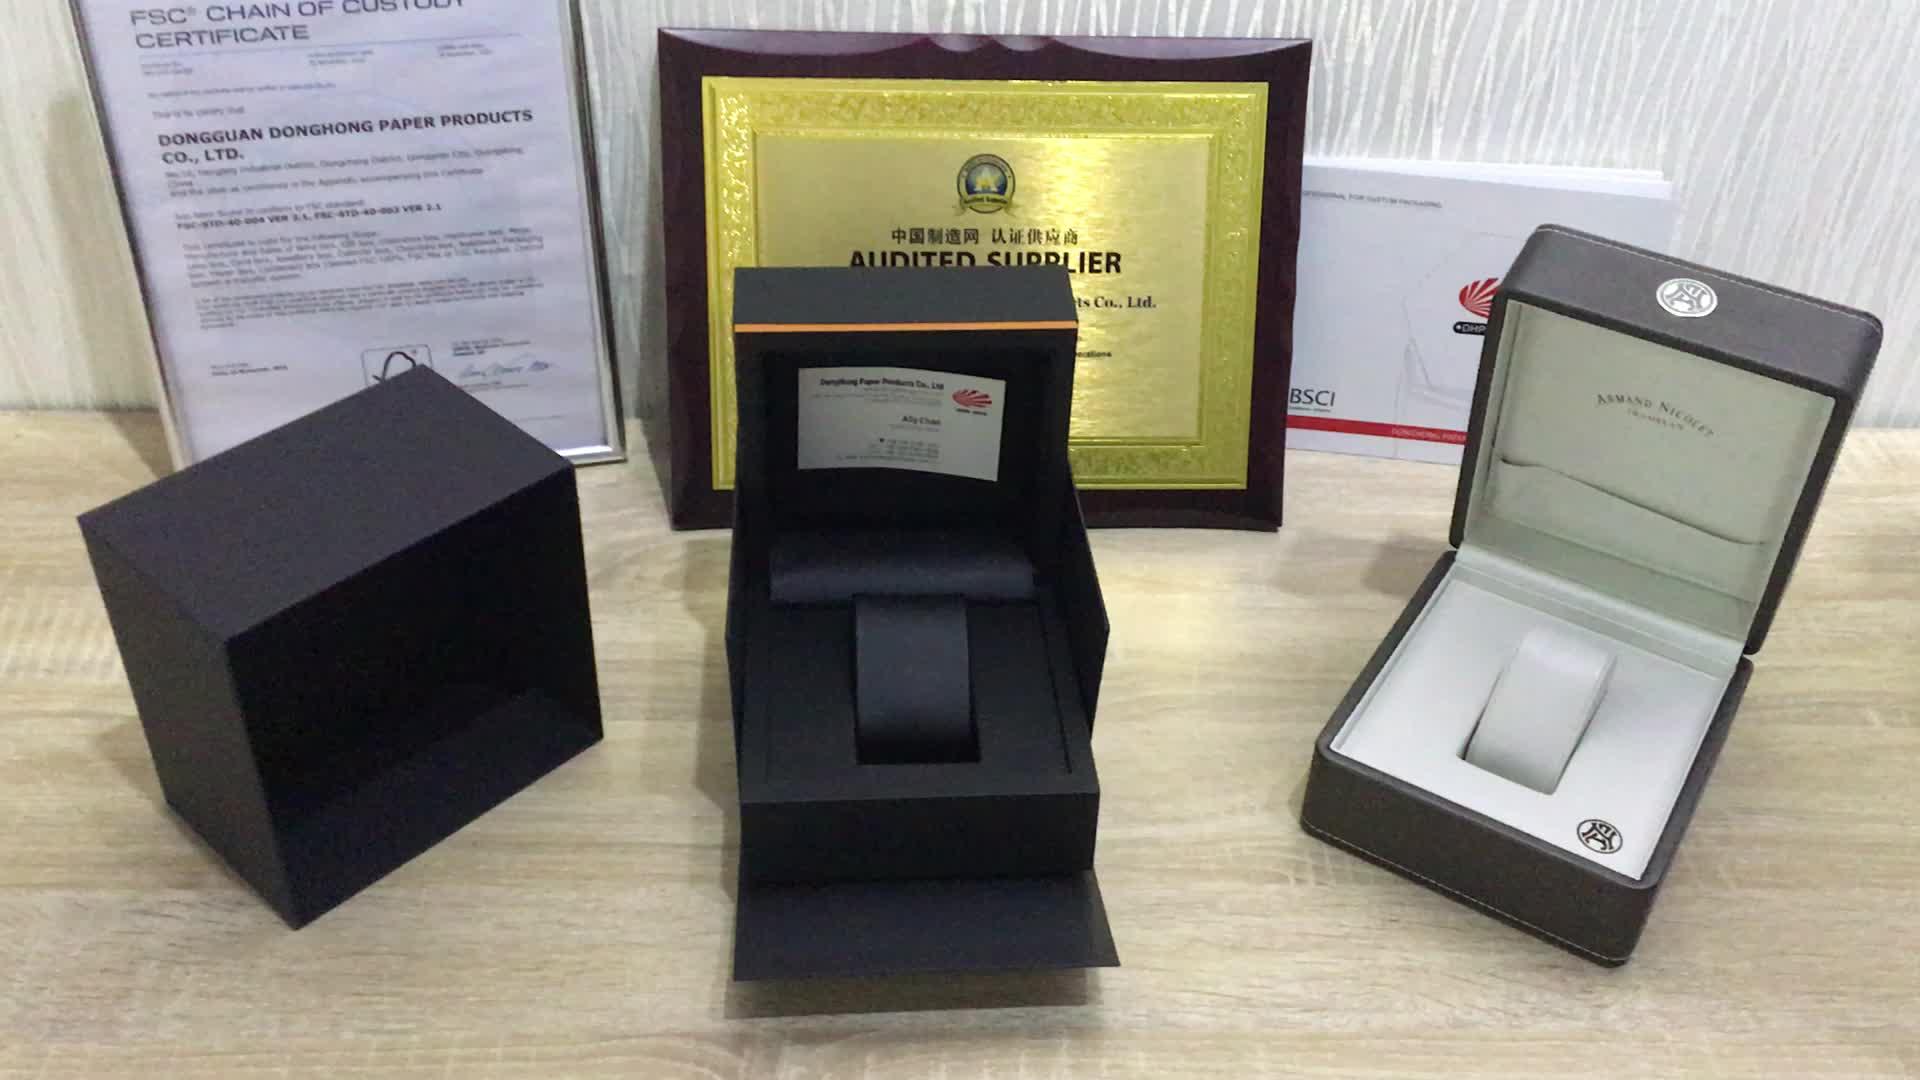 ベルベット黒ファンシー段ボール Oem カスタム箔ロゴラグジュアリーウォッチボックス包装箱のデザイン